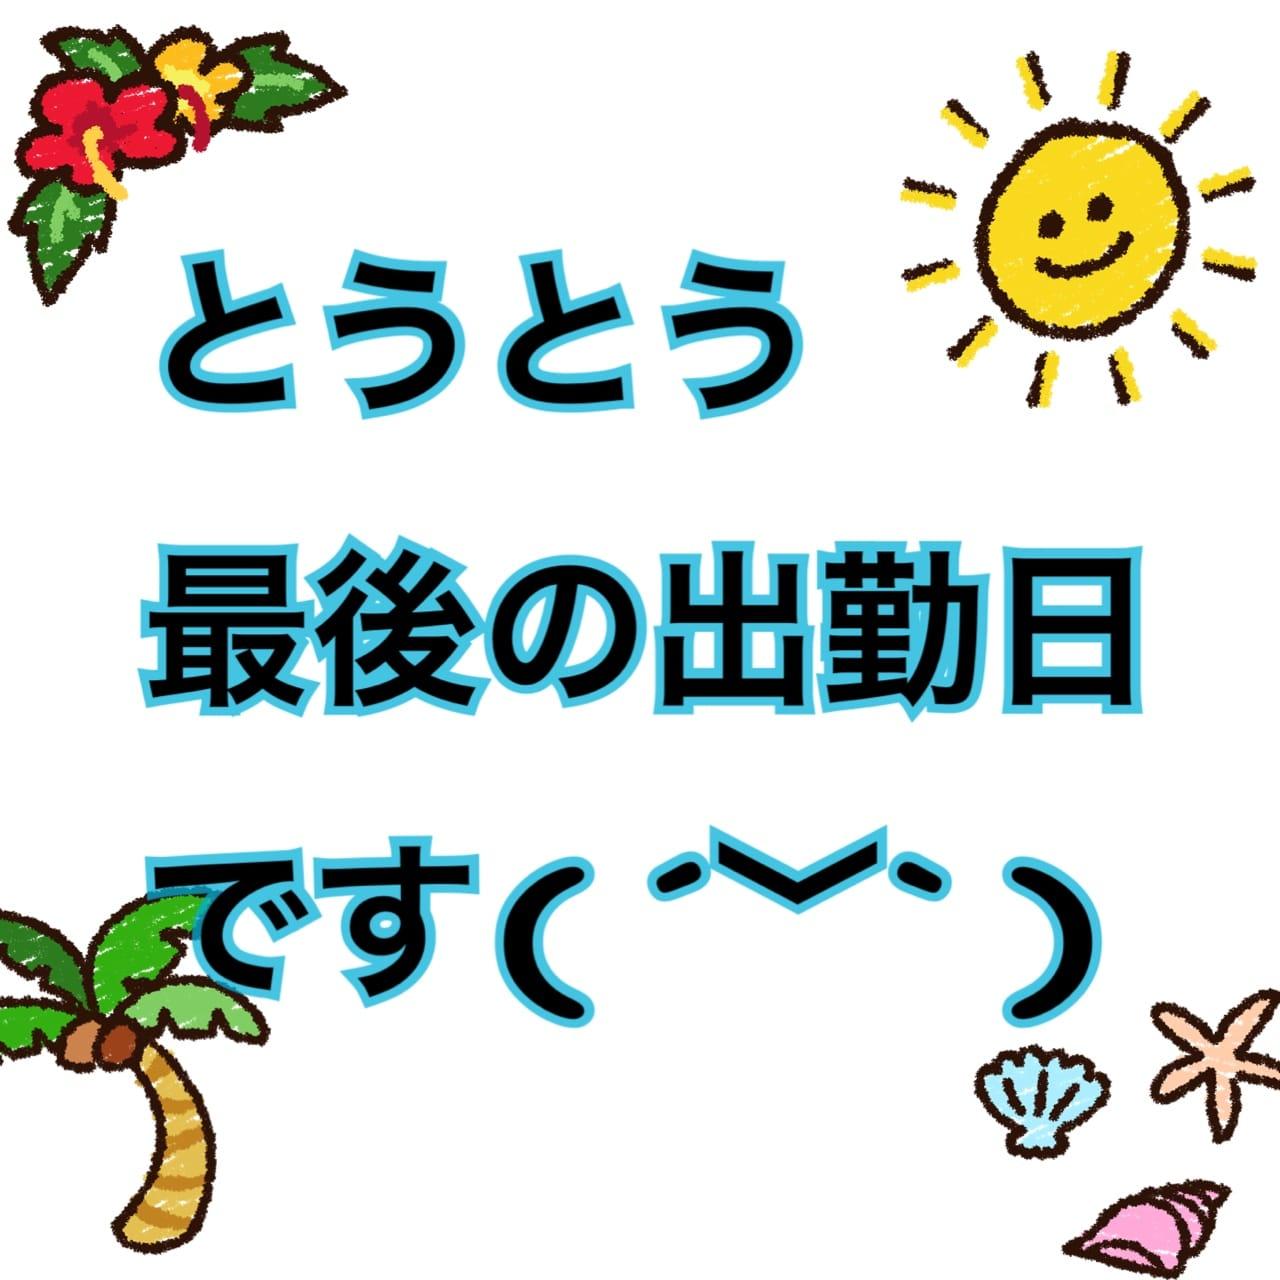 「明日で、、、。」07/27(木) 02:51 | リオの写メ・風俗動画